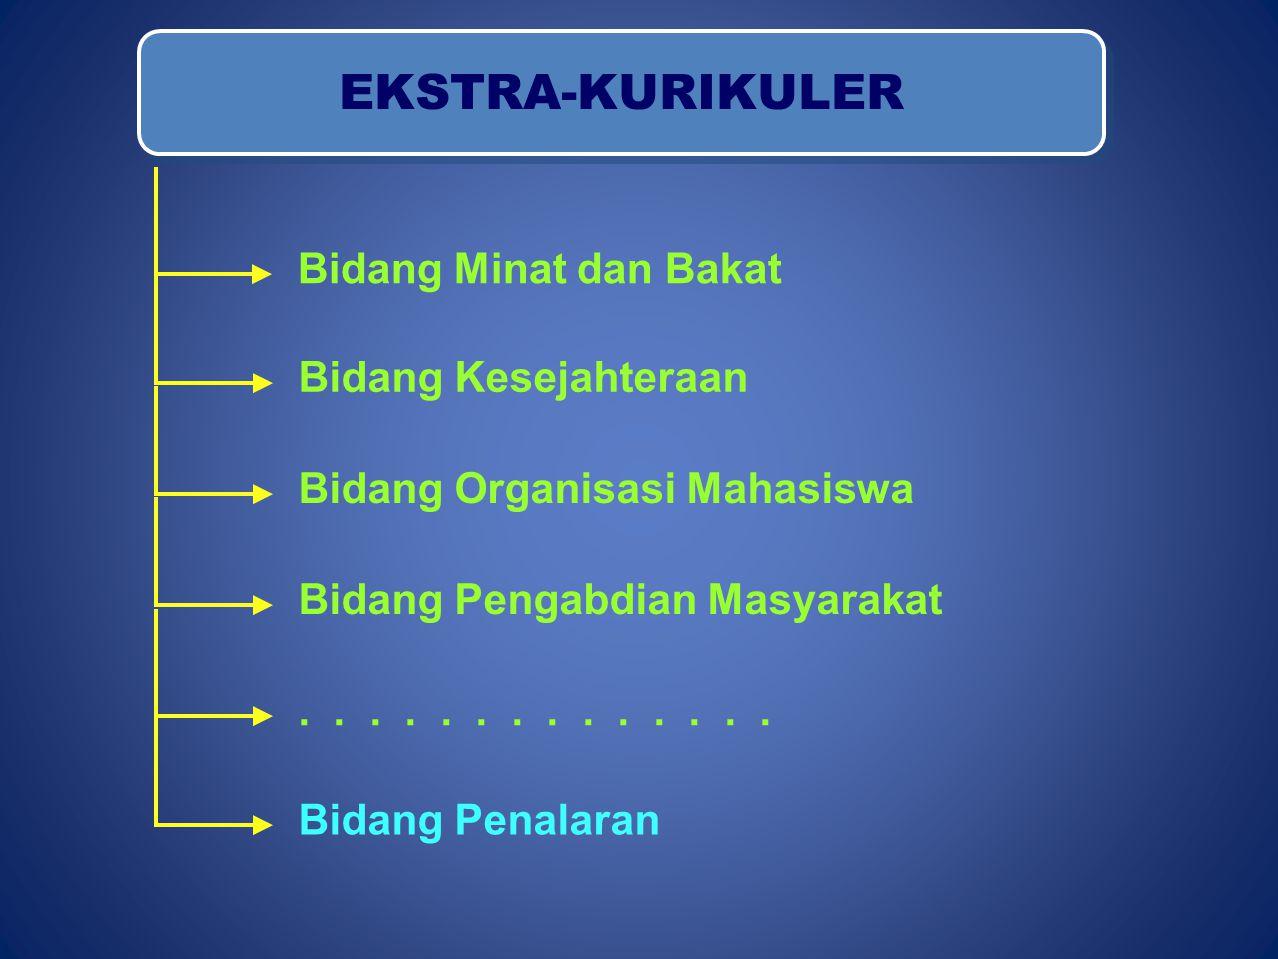 PKMK merupakan program pengembangan ketrampilan mahasiswa dalam berwirausaha dan berorientasi pada profit.